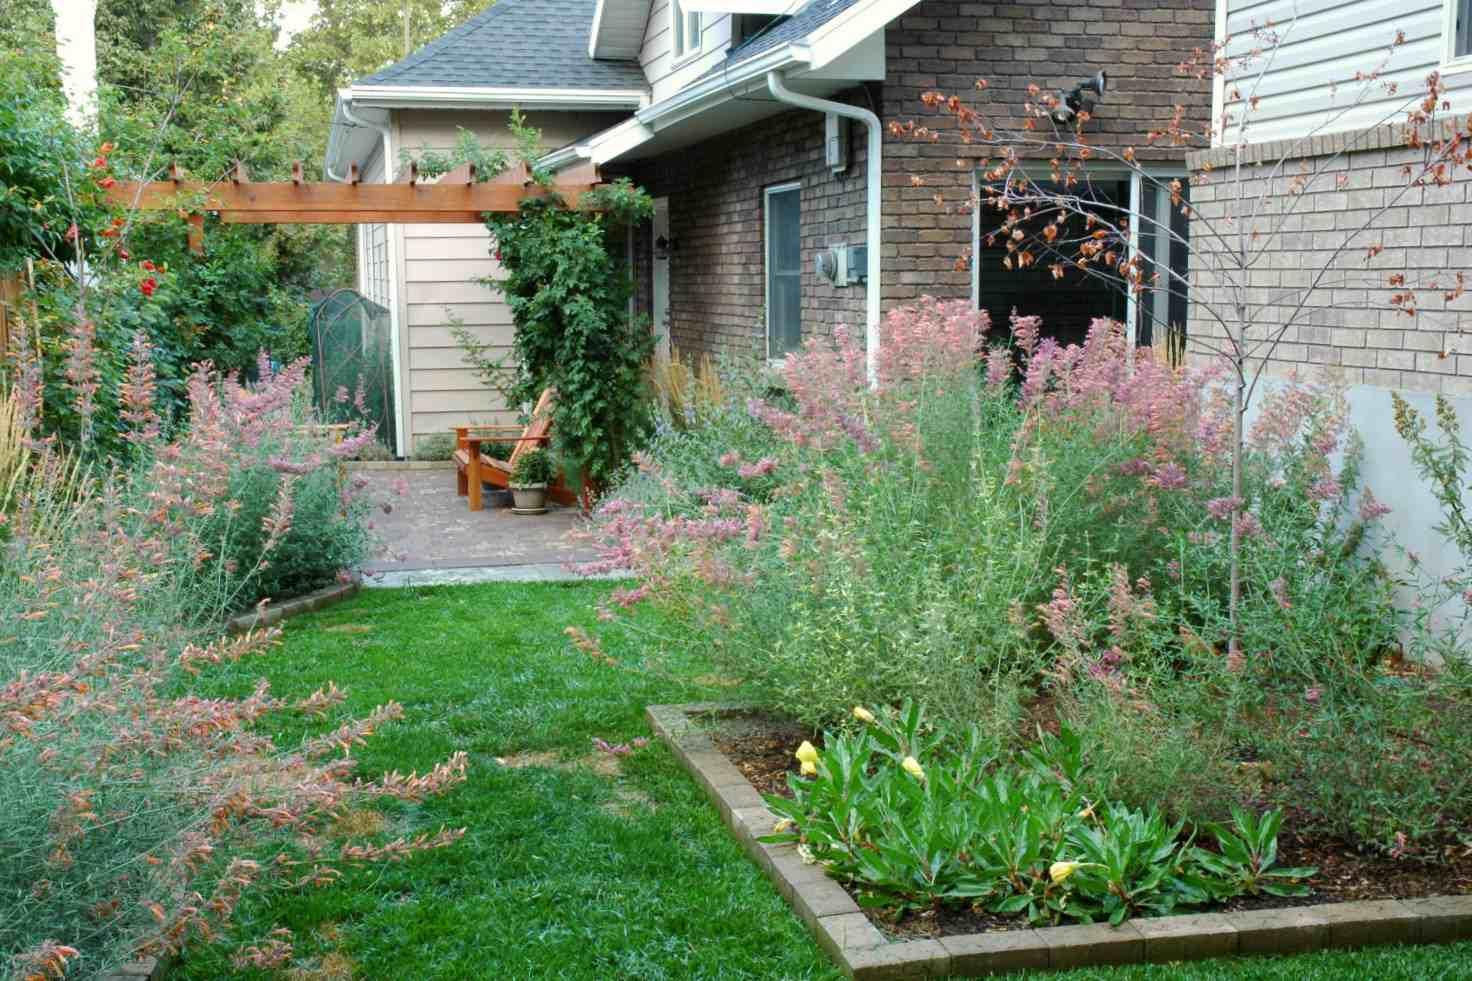 hermoso patio trasero en flor